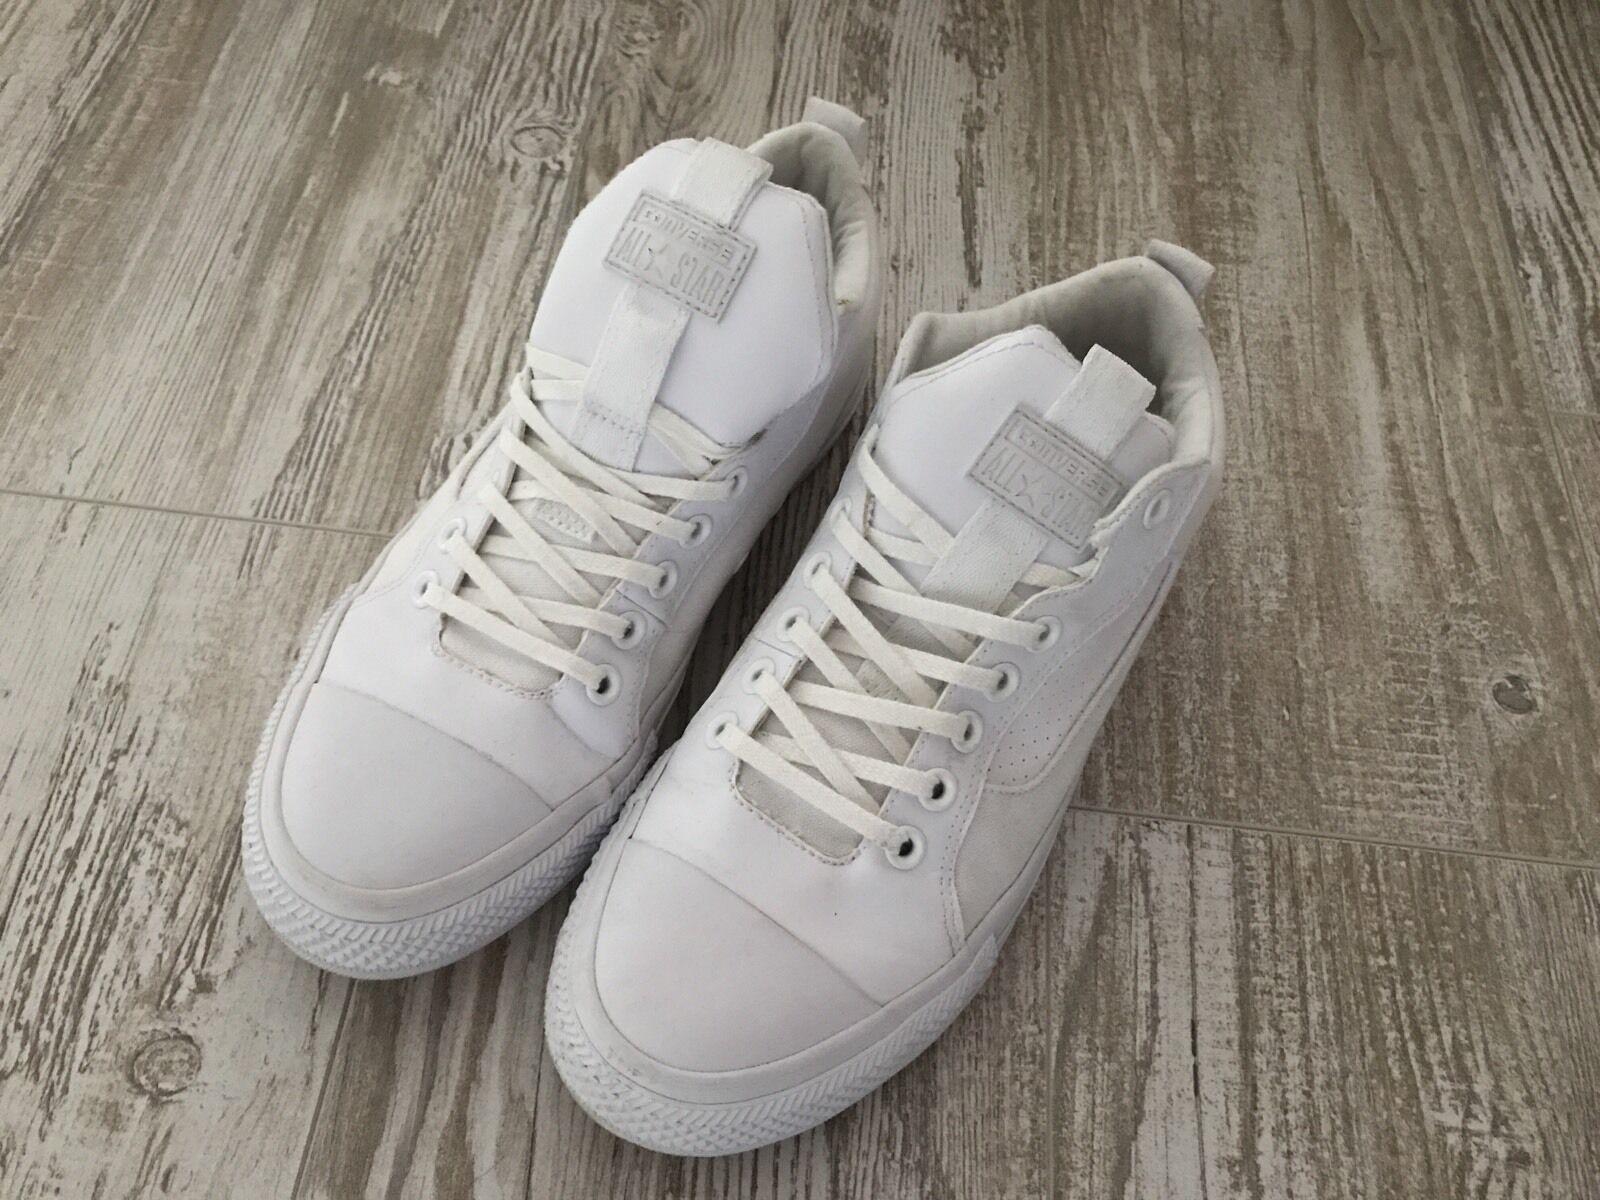 Converse Sneaker Chucks Selten Selten Selten Gr.42,5 99cfb0